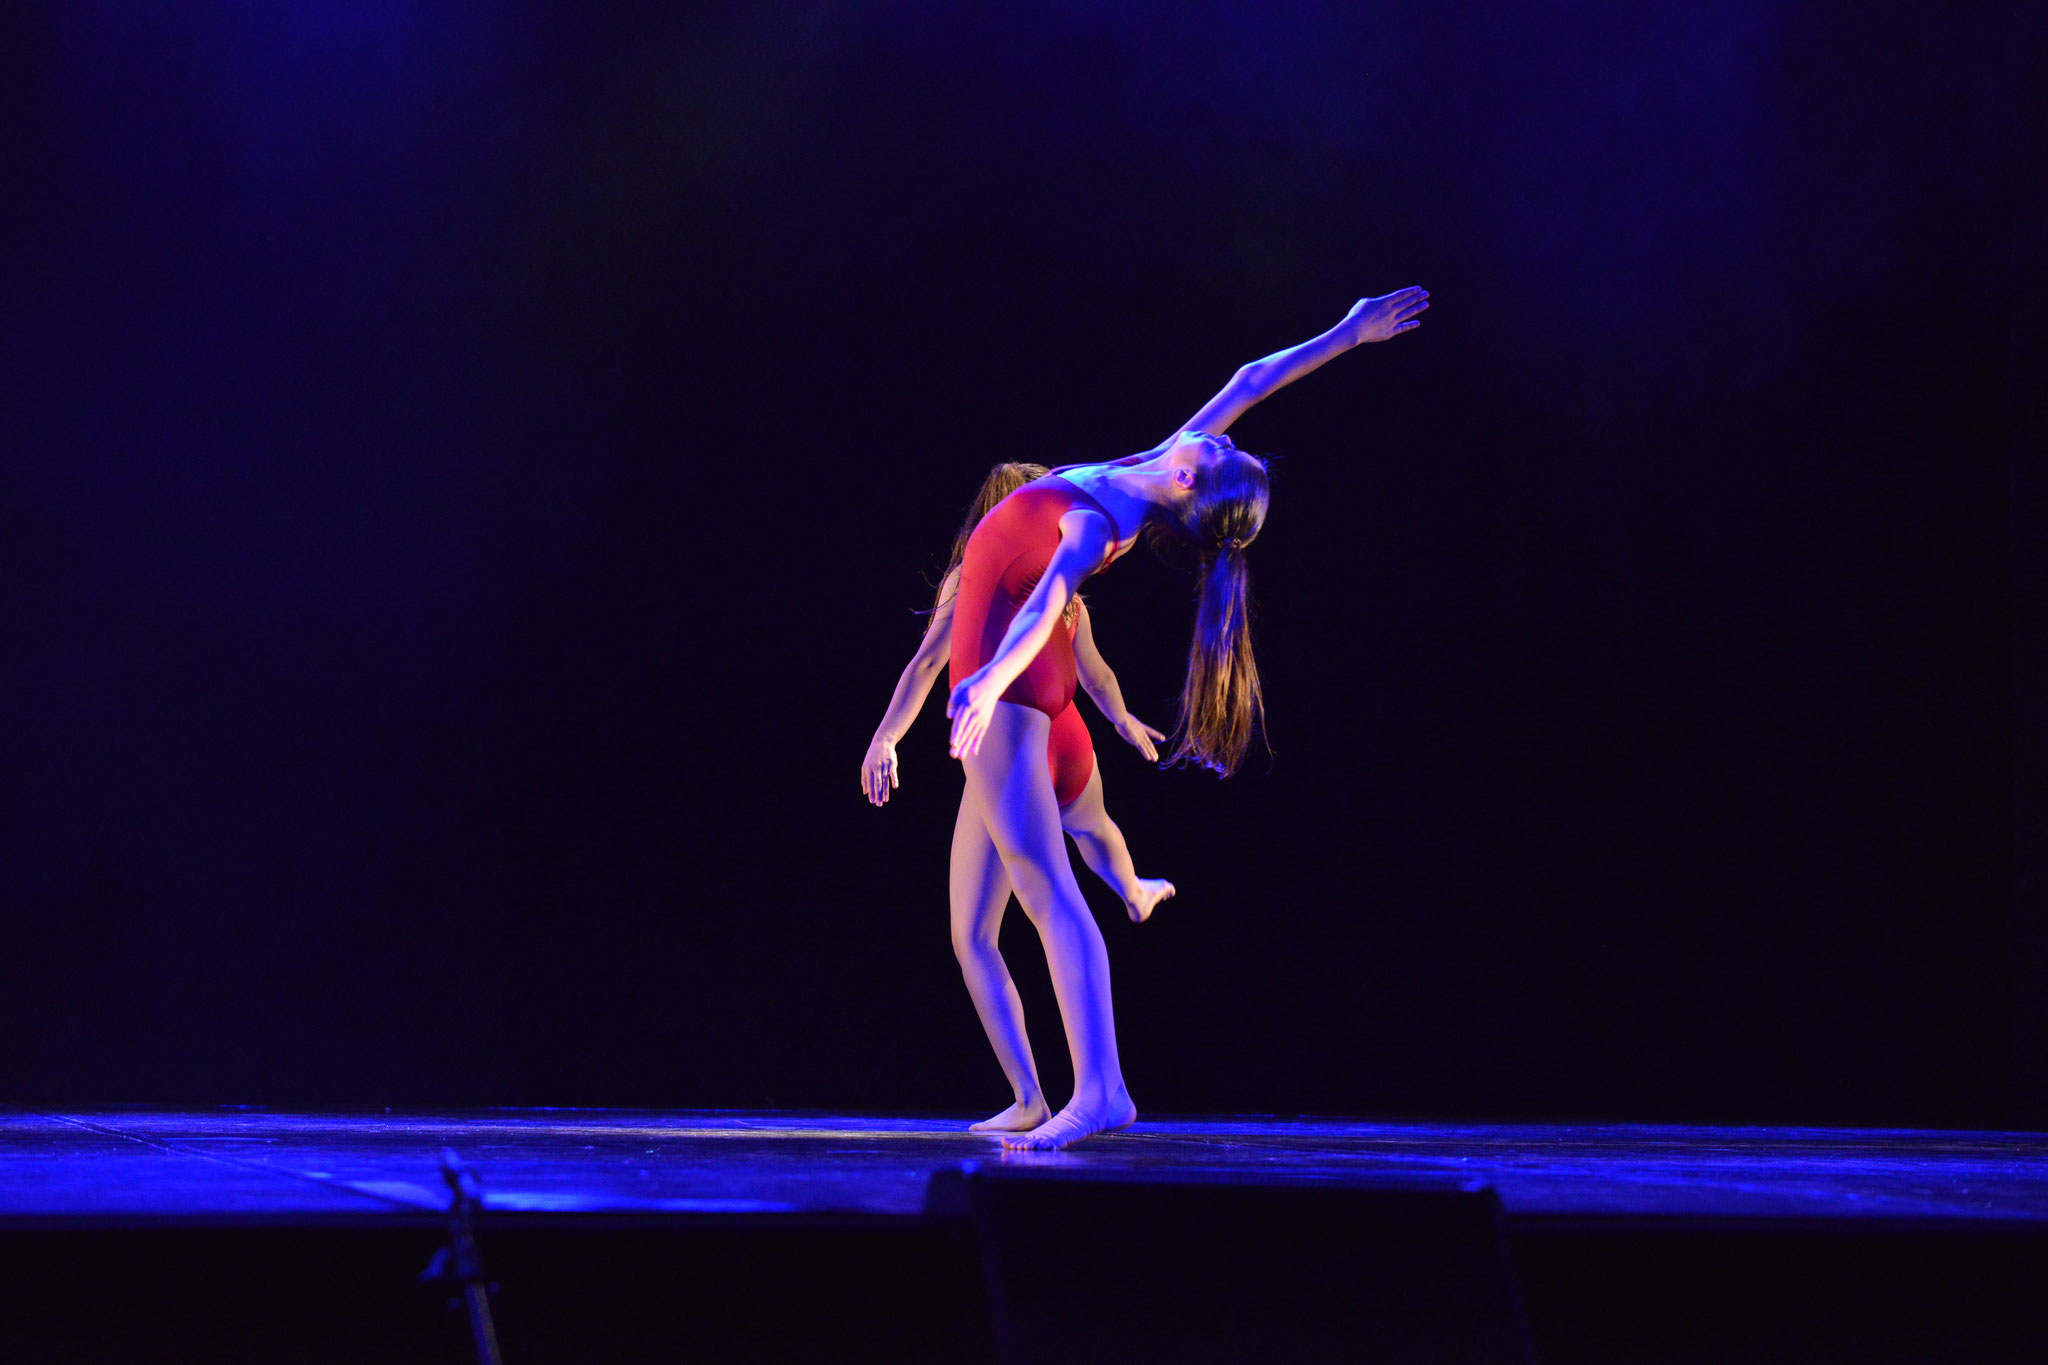 Mo-Mo Brasil 2018 2° Lugar Junior I Bento-em-Danca / Coreografía Criss Marambio